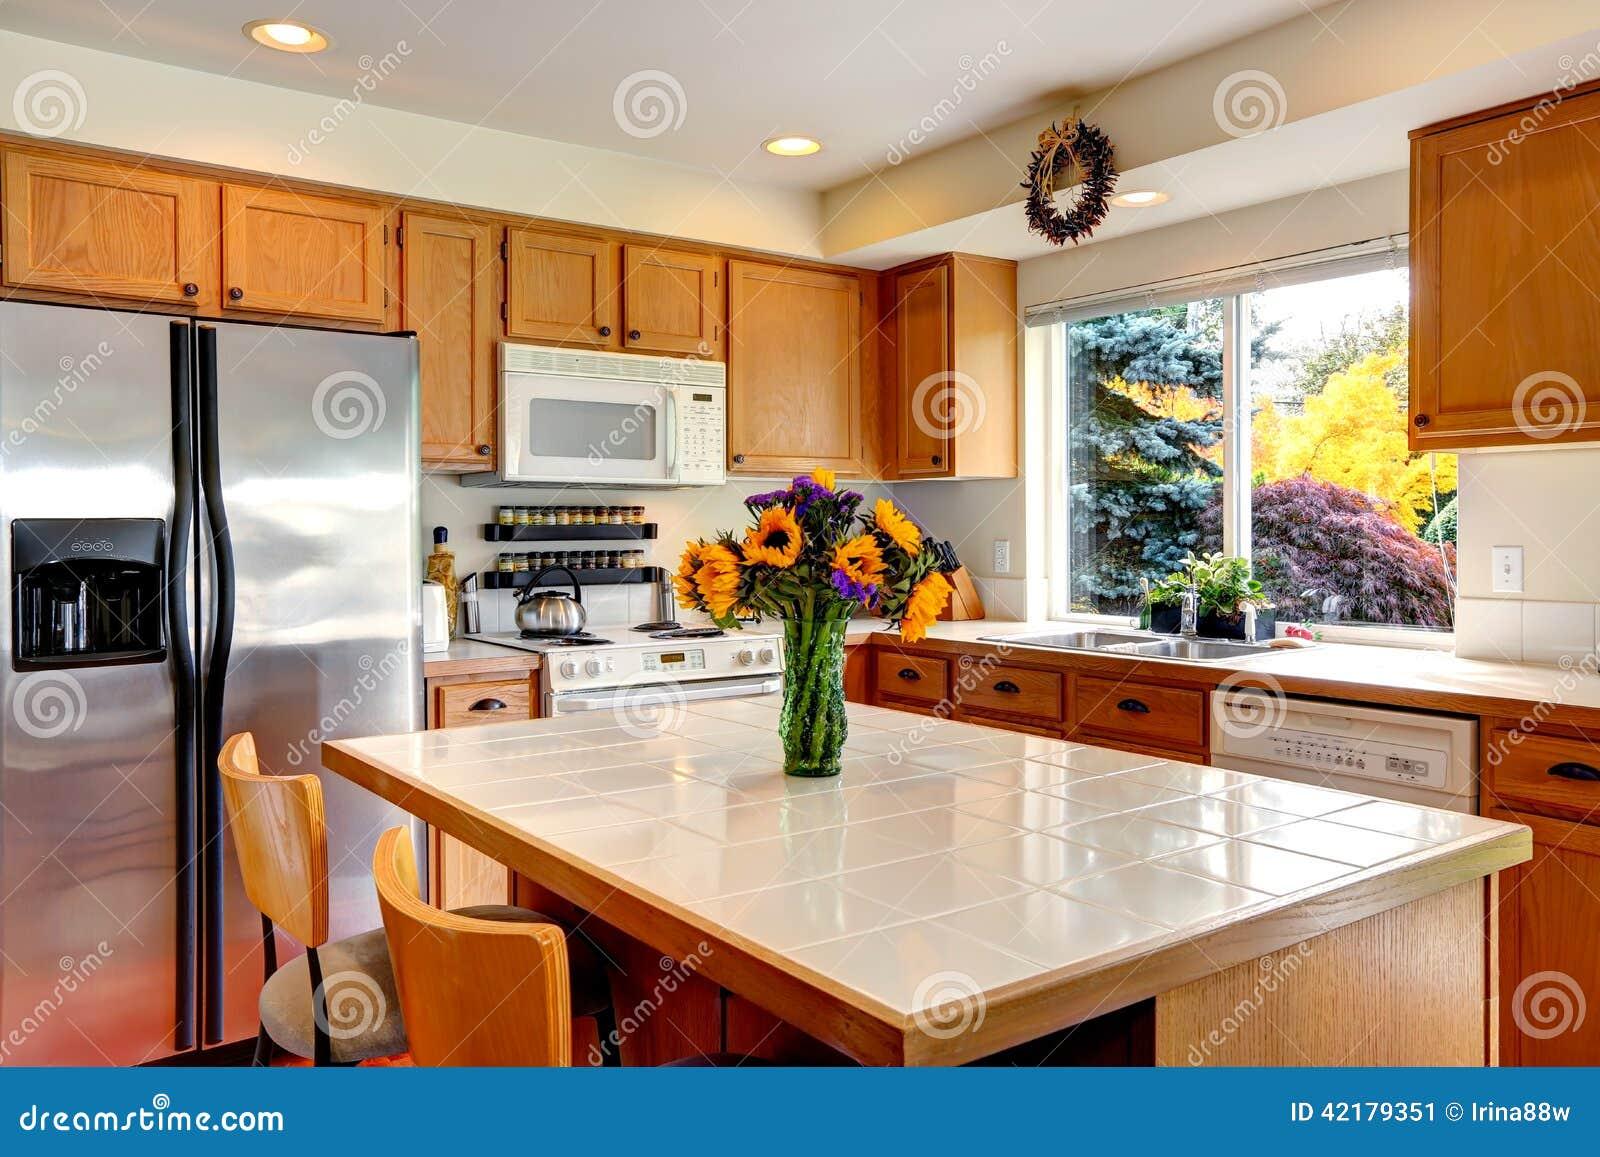 Interior Acolhedor Da Cozinha Com Ilha E Janela Imagem De Stock